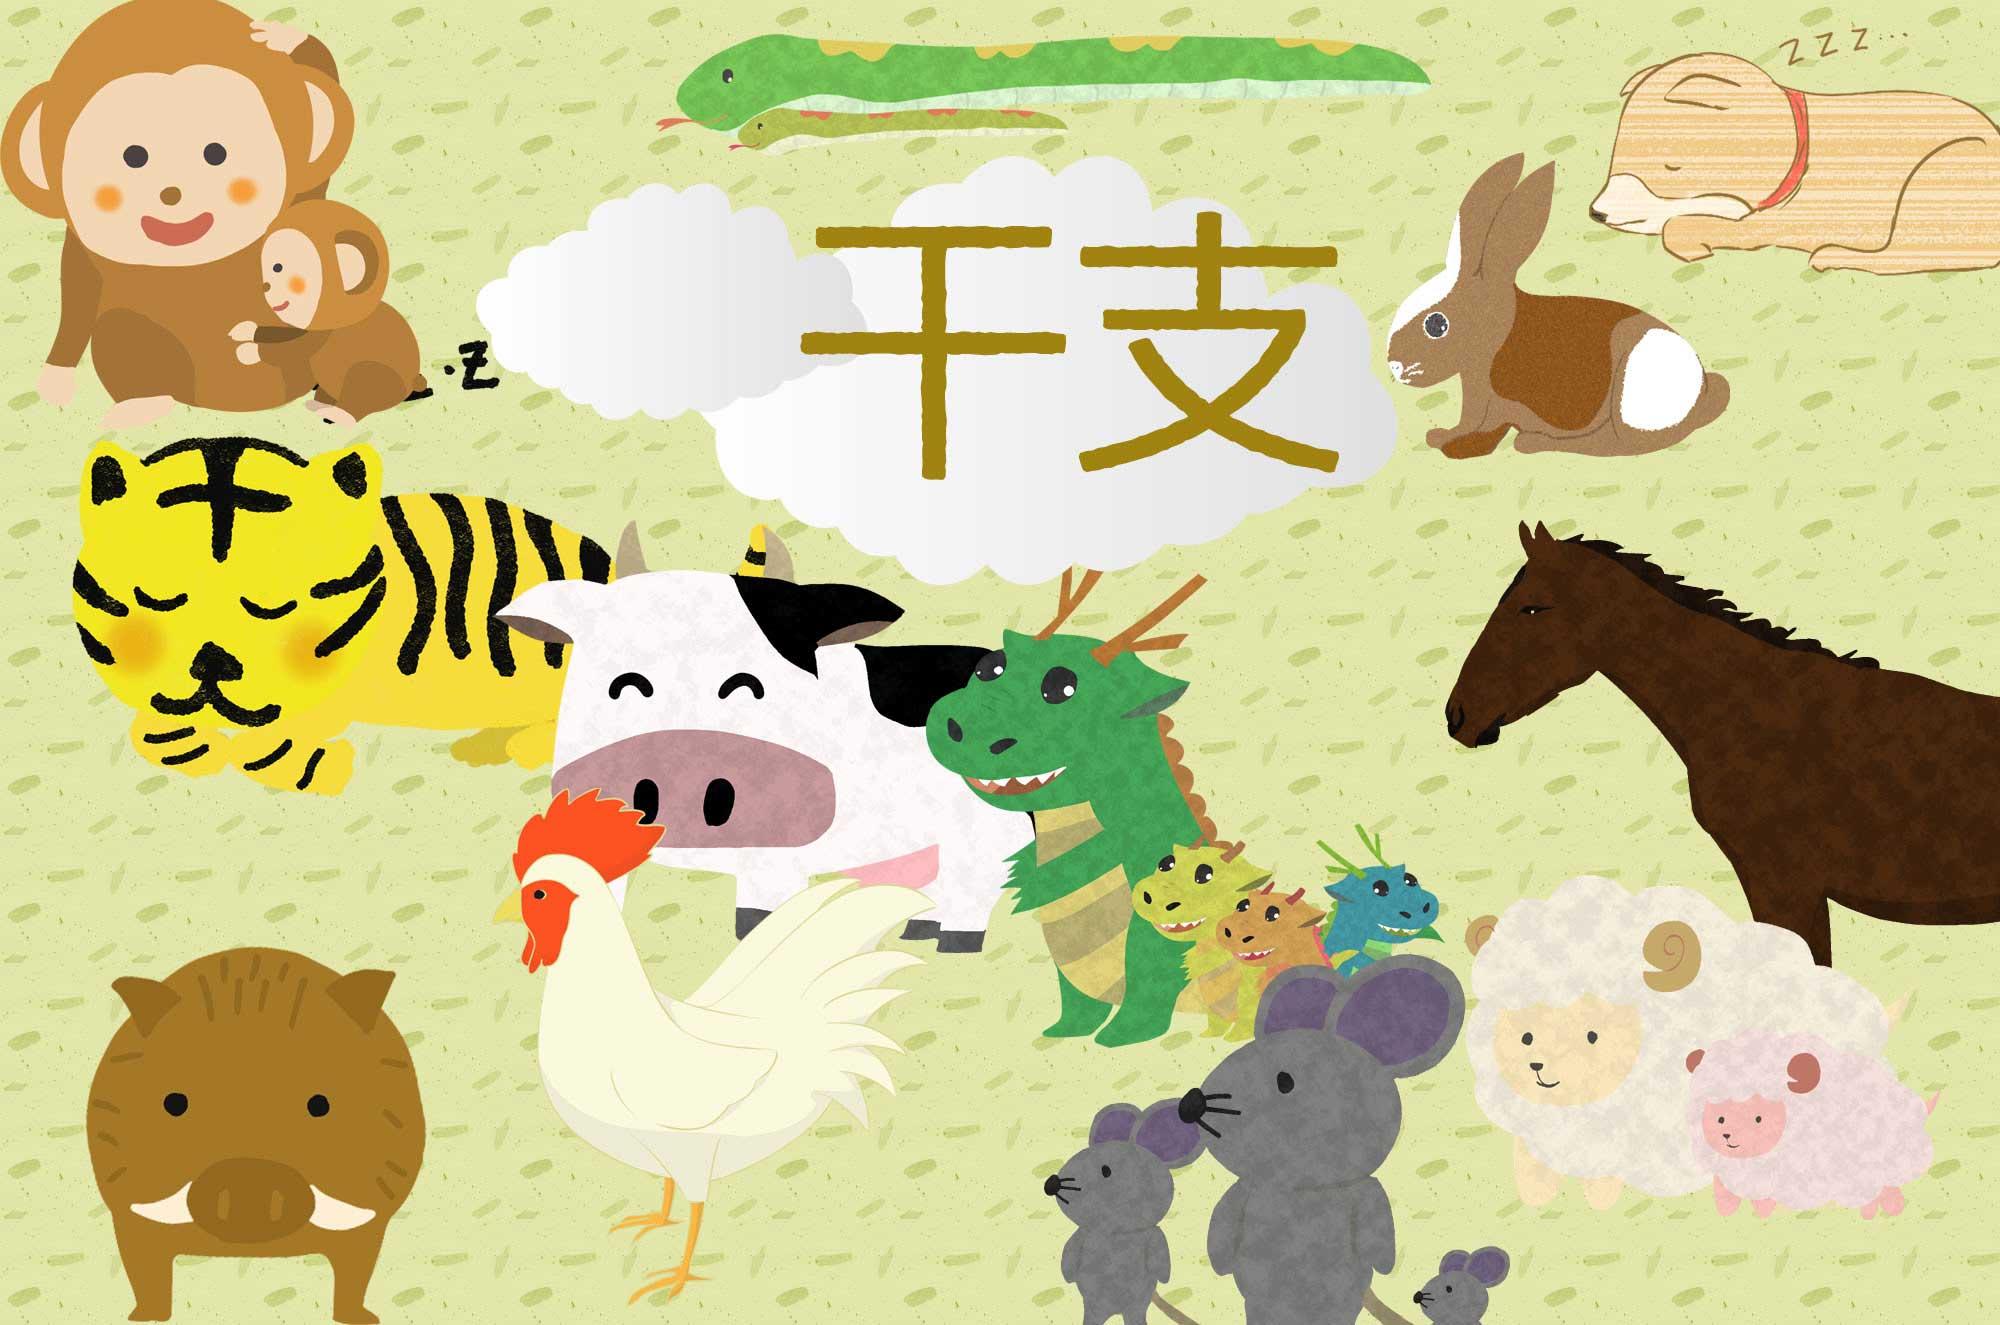 干支イラスト - 年賀状にも使える十二支の動物フリー素材